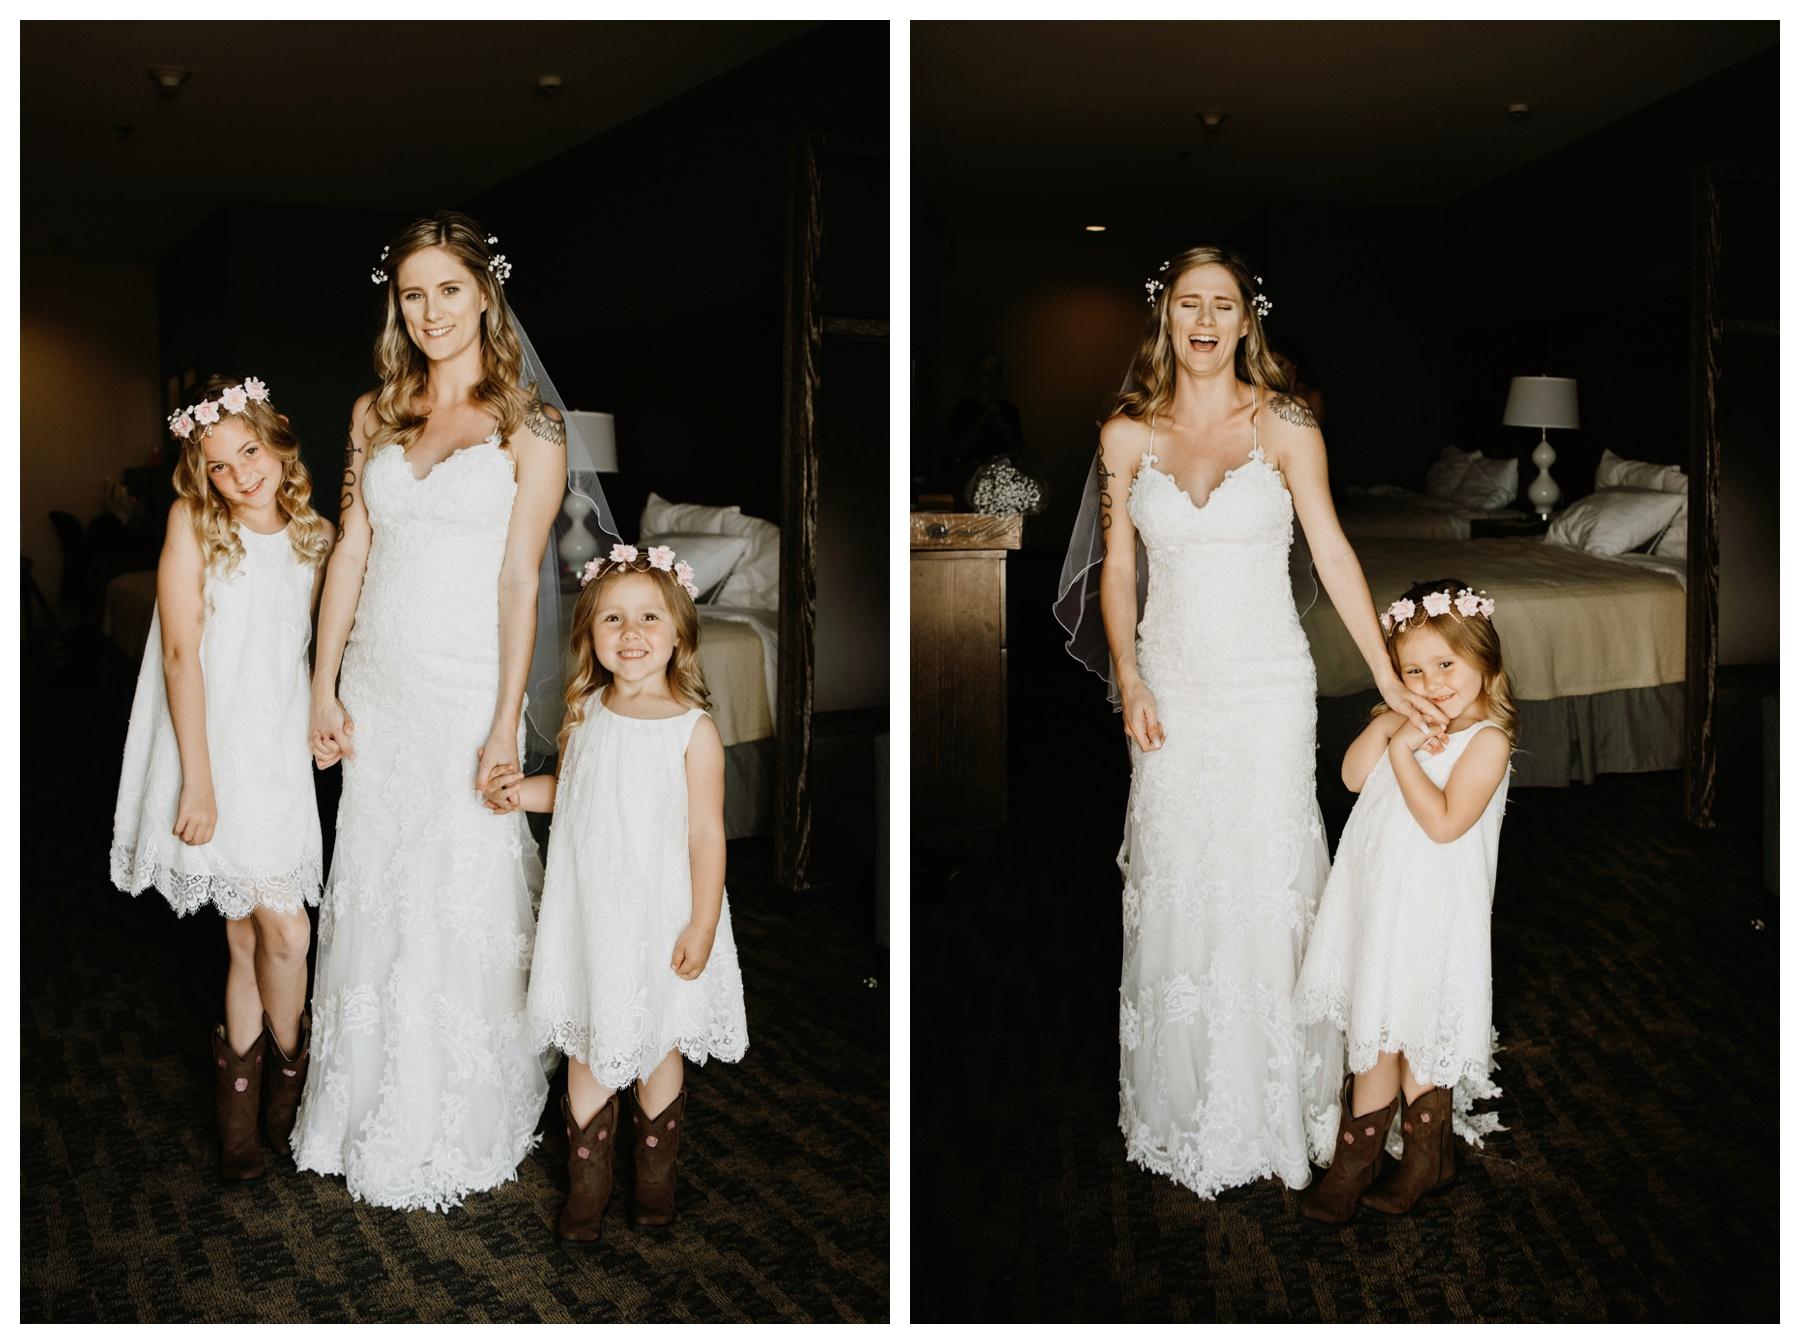 Coronado_Beach_Wedding_Singler_Photography_0012.jpg